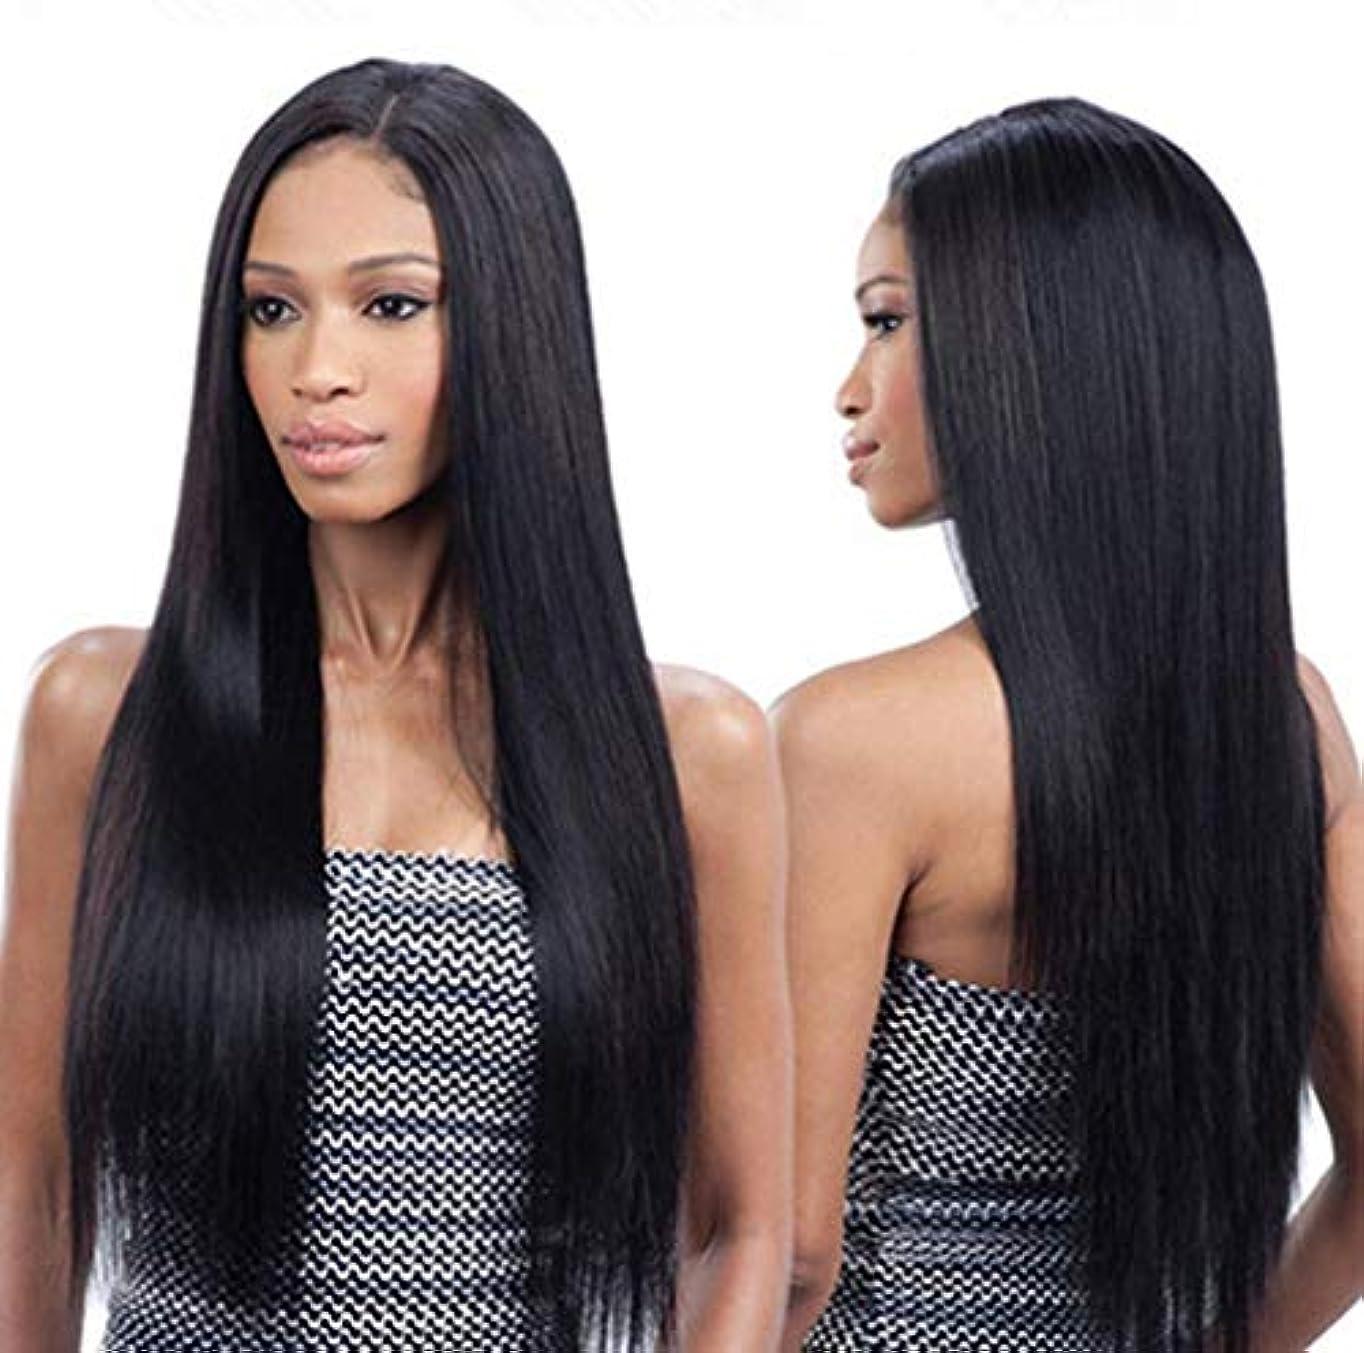 ハドル子供時代してはいけません女性のかつらの毛の耐熱性合成かつらロングストレート耐熱毛事前摘み取られたかつらブラック150%密度